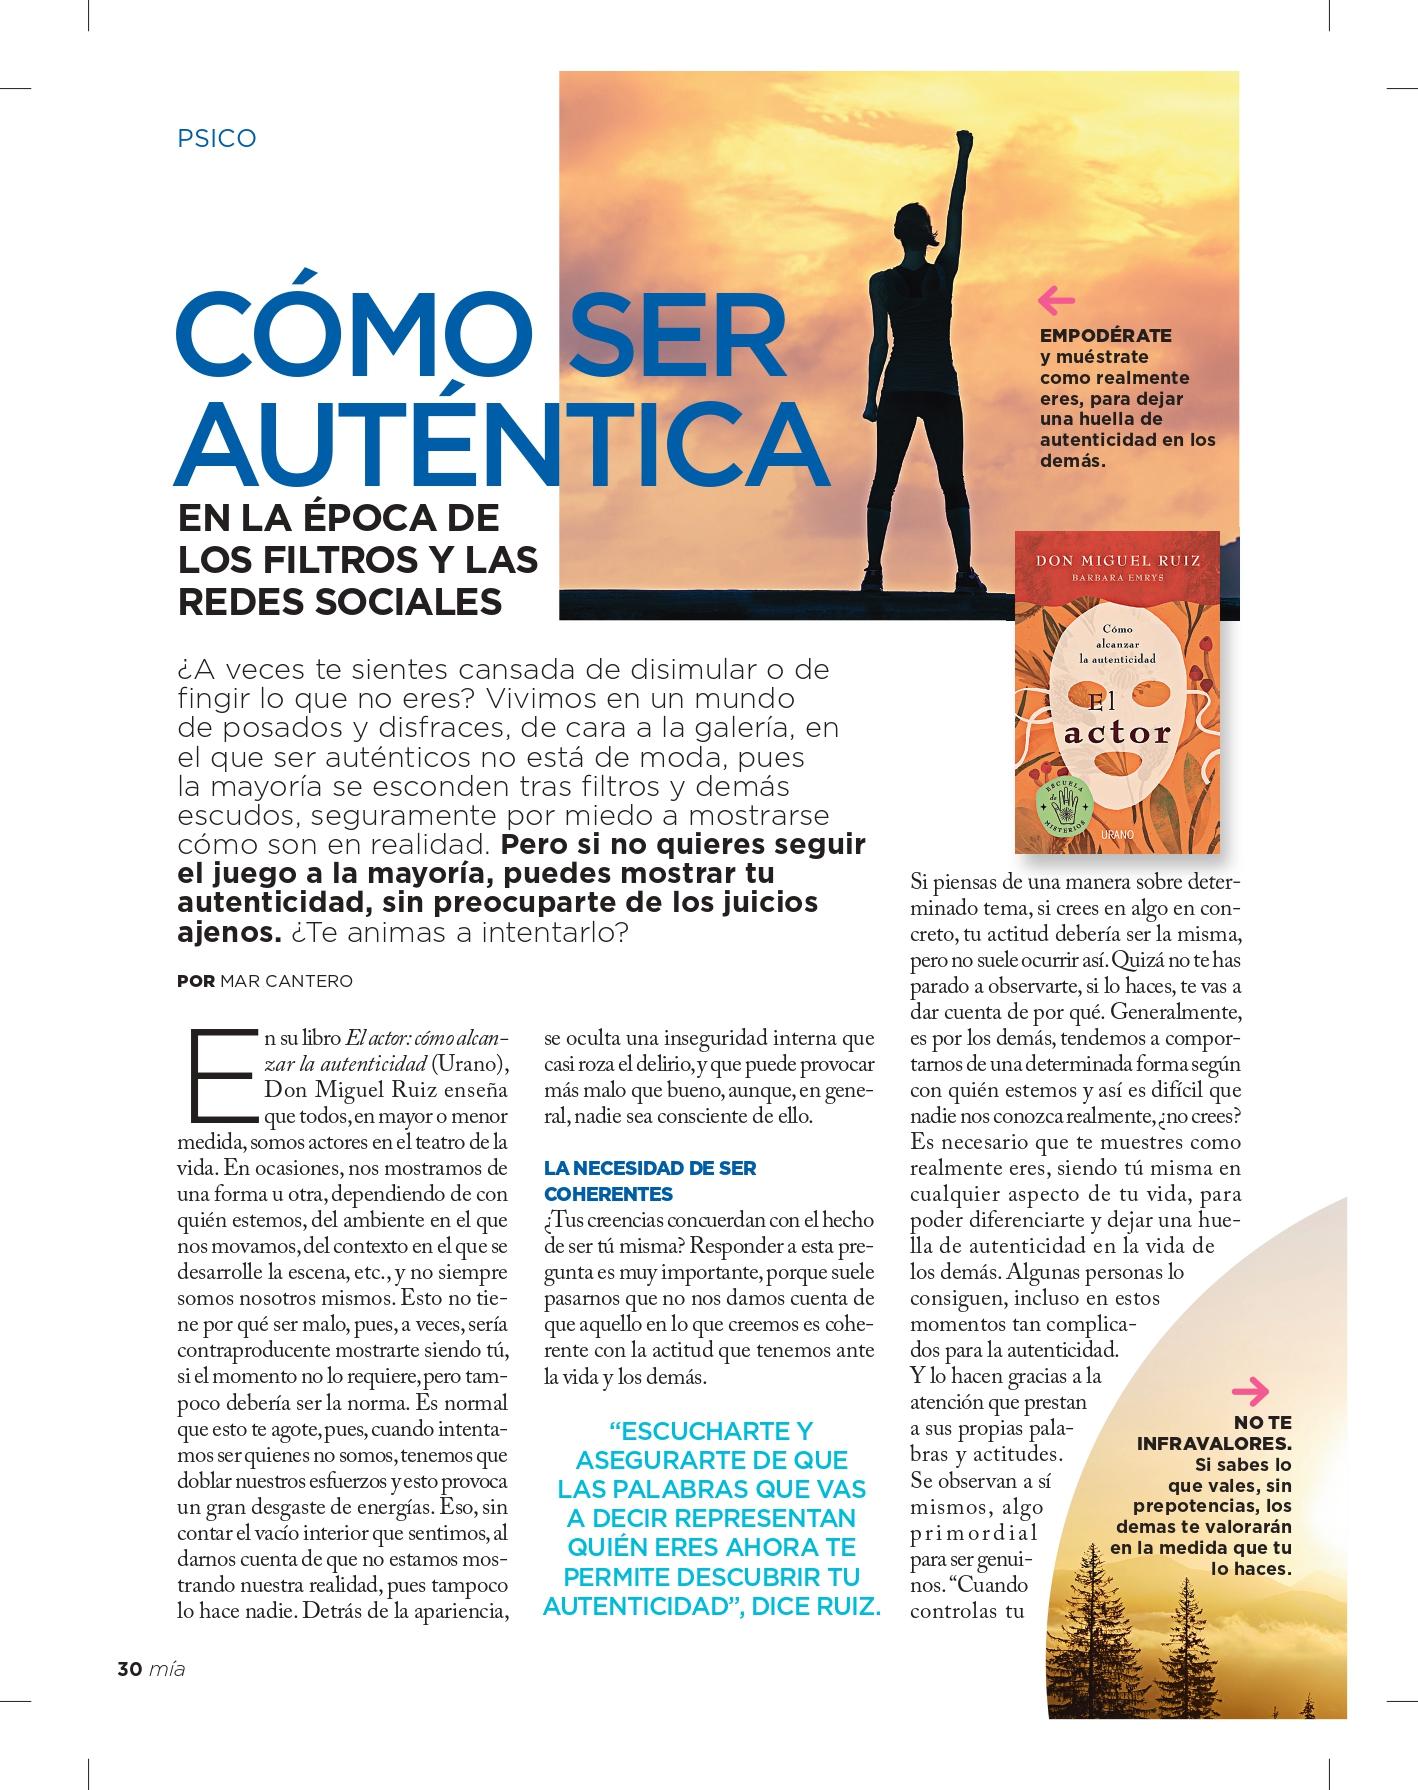 Simplifica tu vida y sé feliz, Mía 1655, portada,Mar Cantero Sánchez, www.marcanterosanchez.com